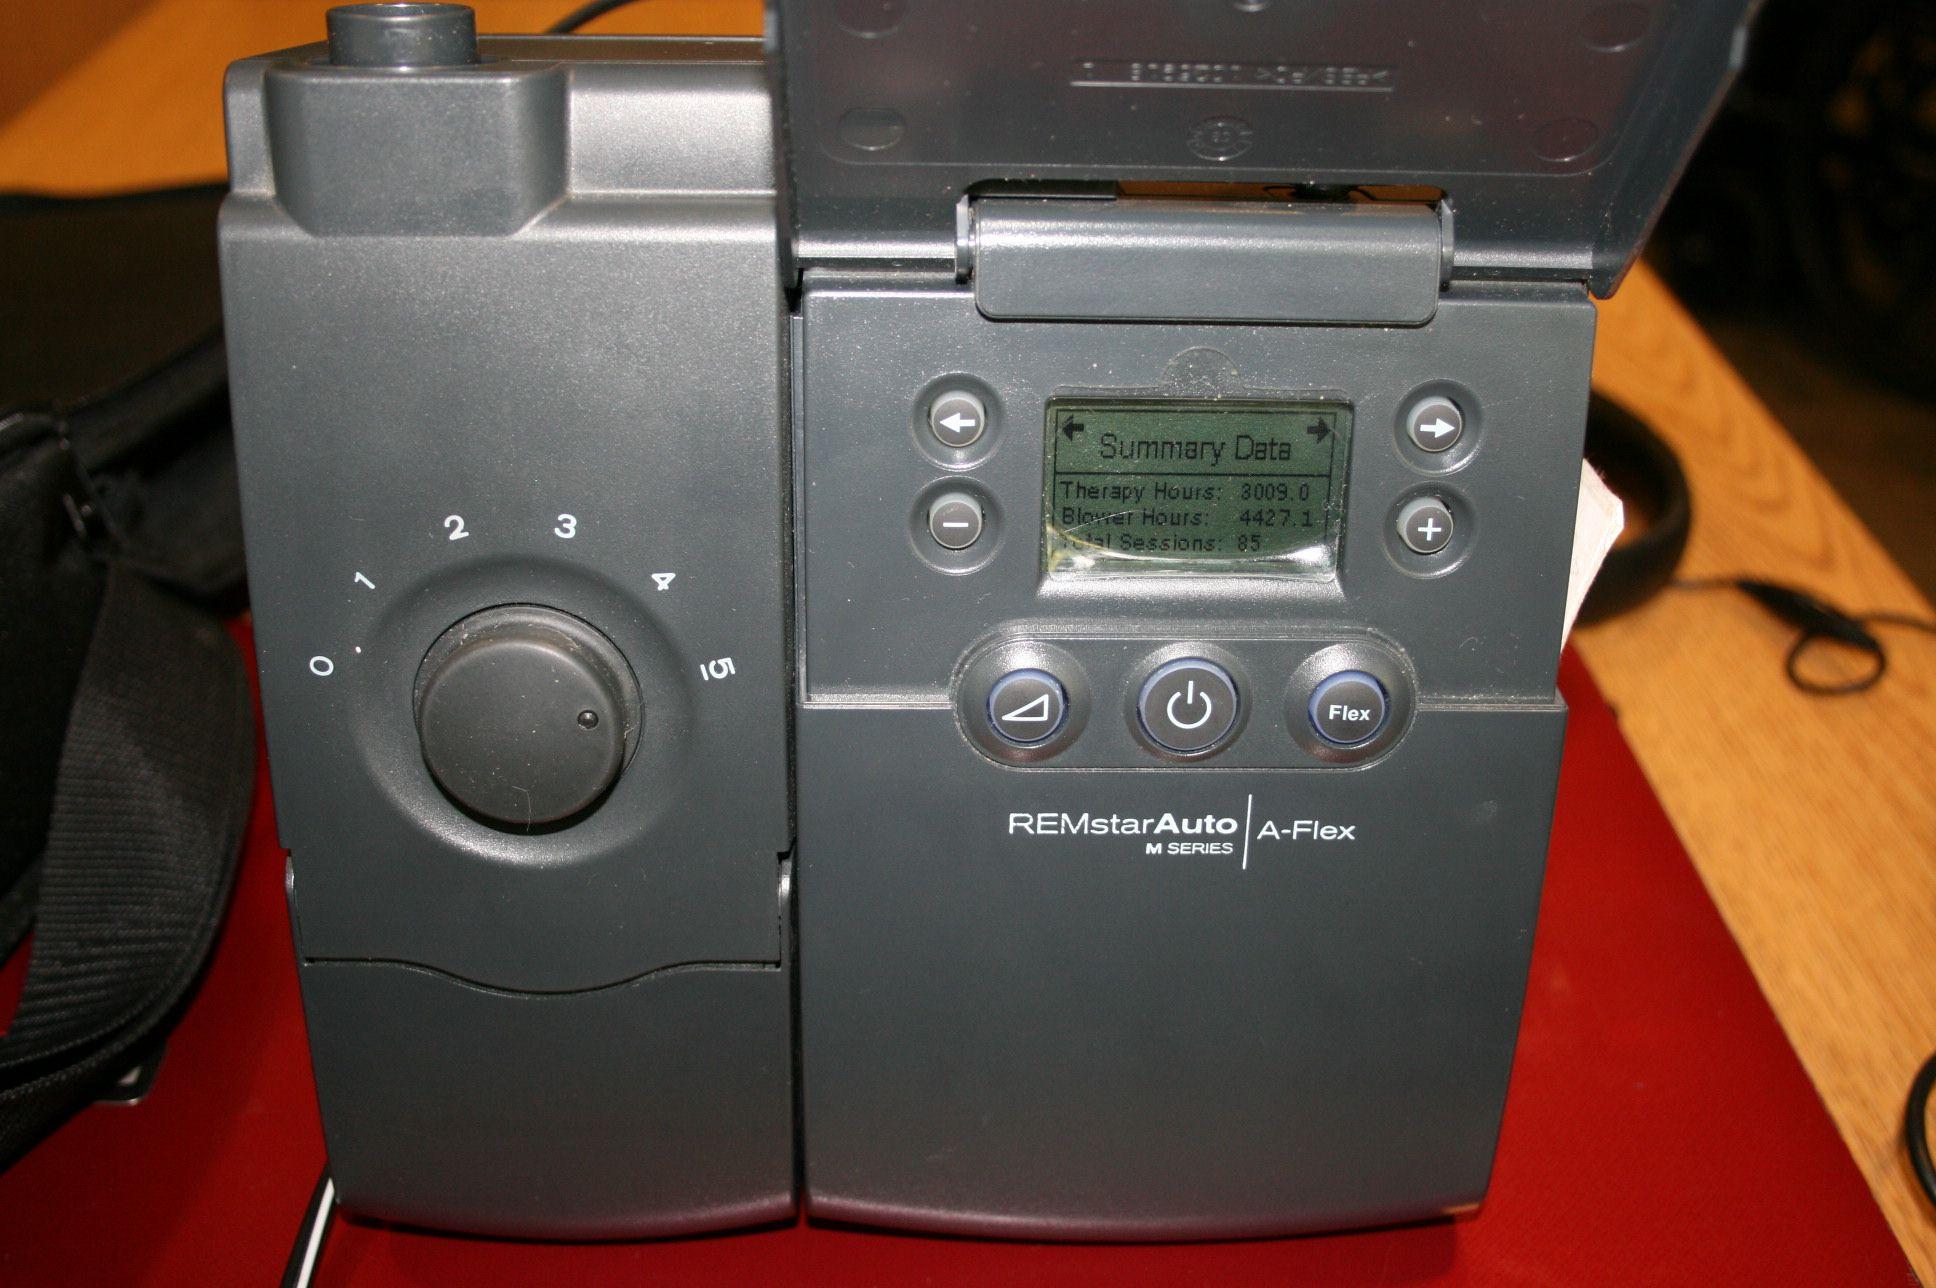 CPAP A-Flex Auto machine Remstar SeriesM